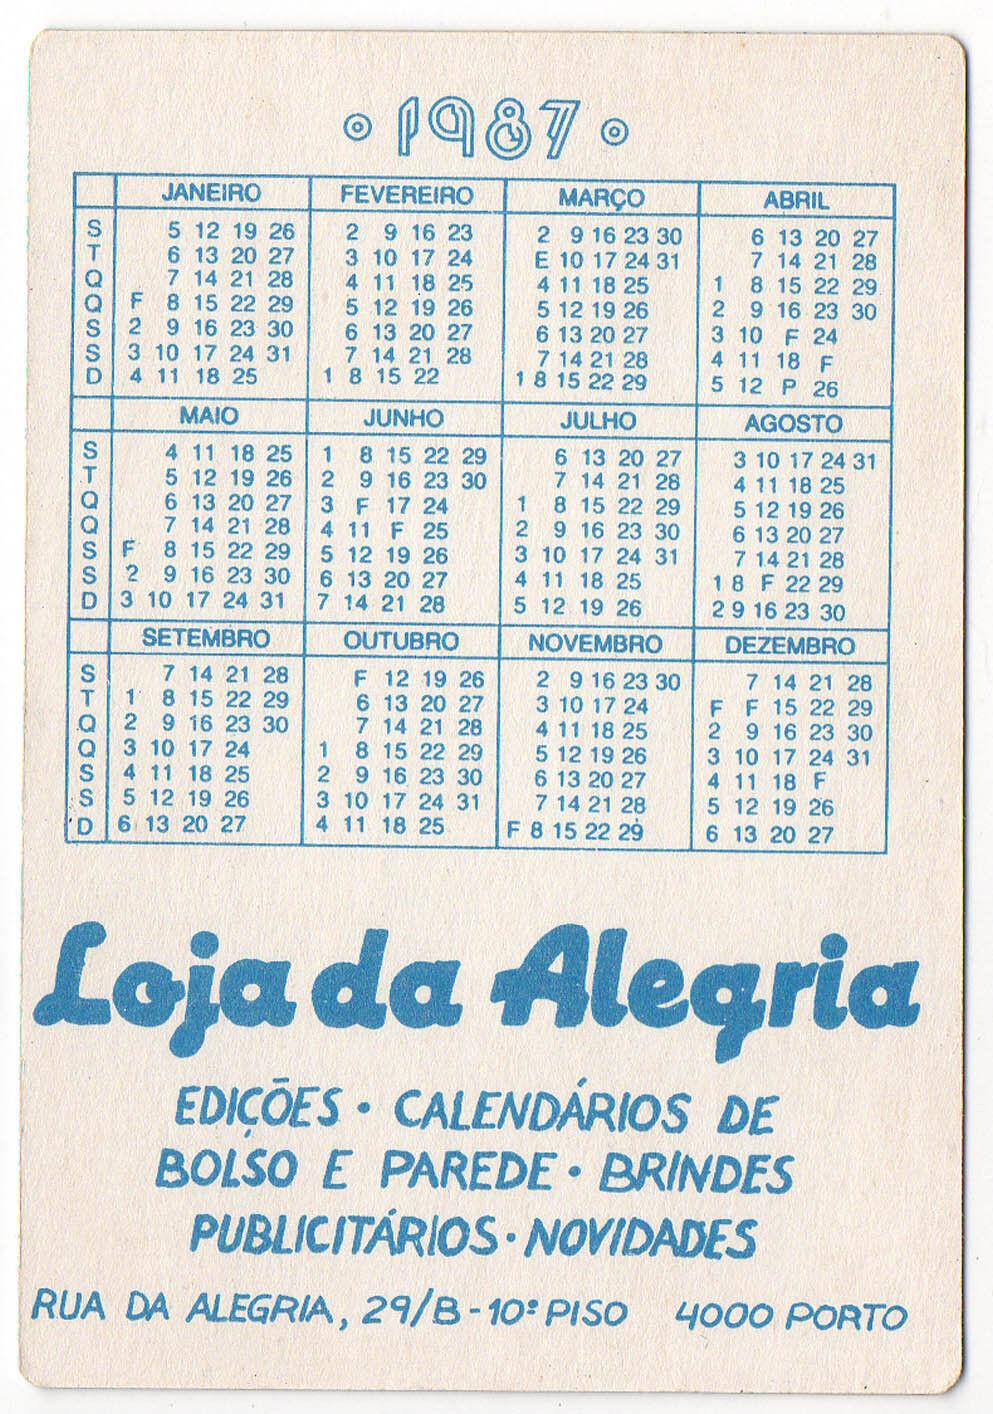 1987 Portugais - Poche Calendrier F1 Tyrrell Équipe - Portugais Martin Brundle c56476